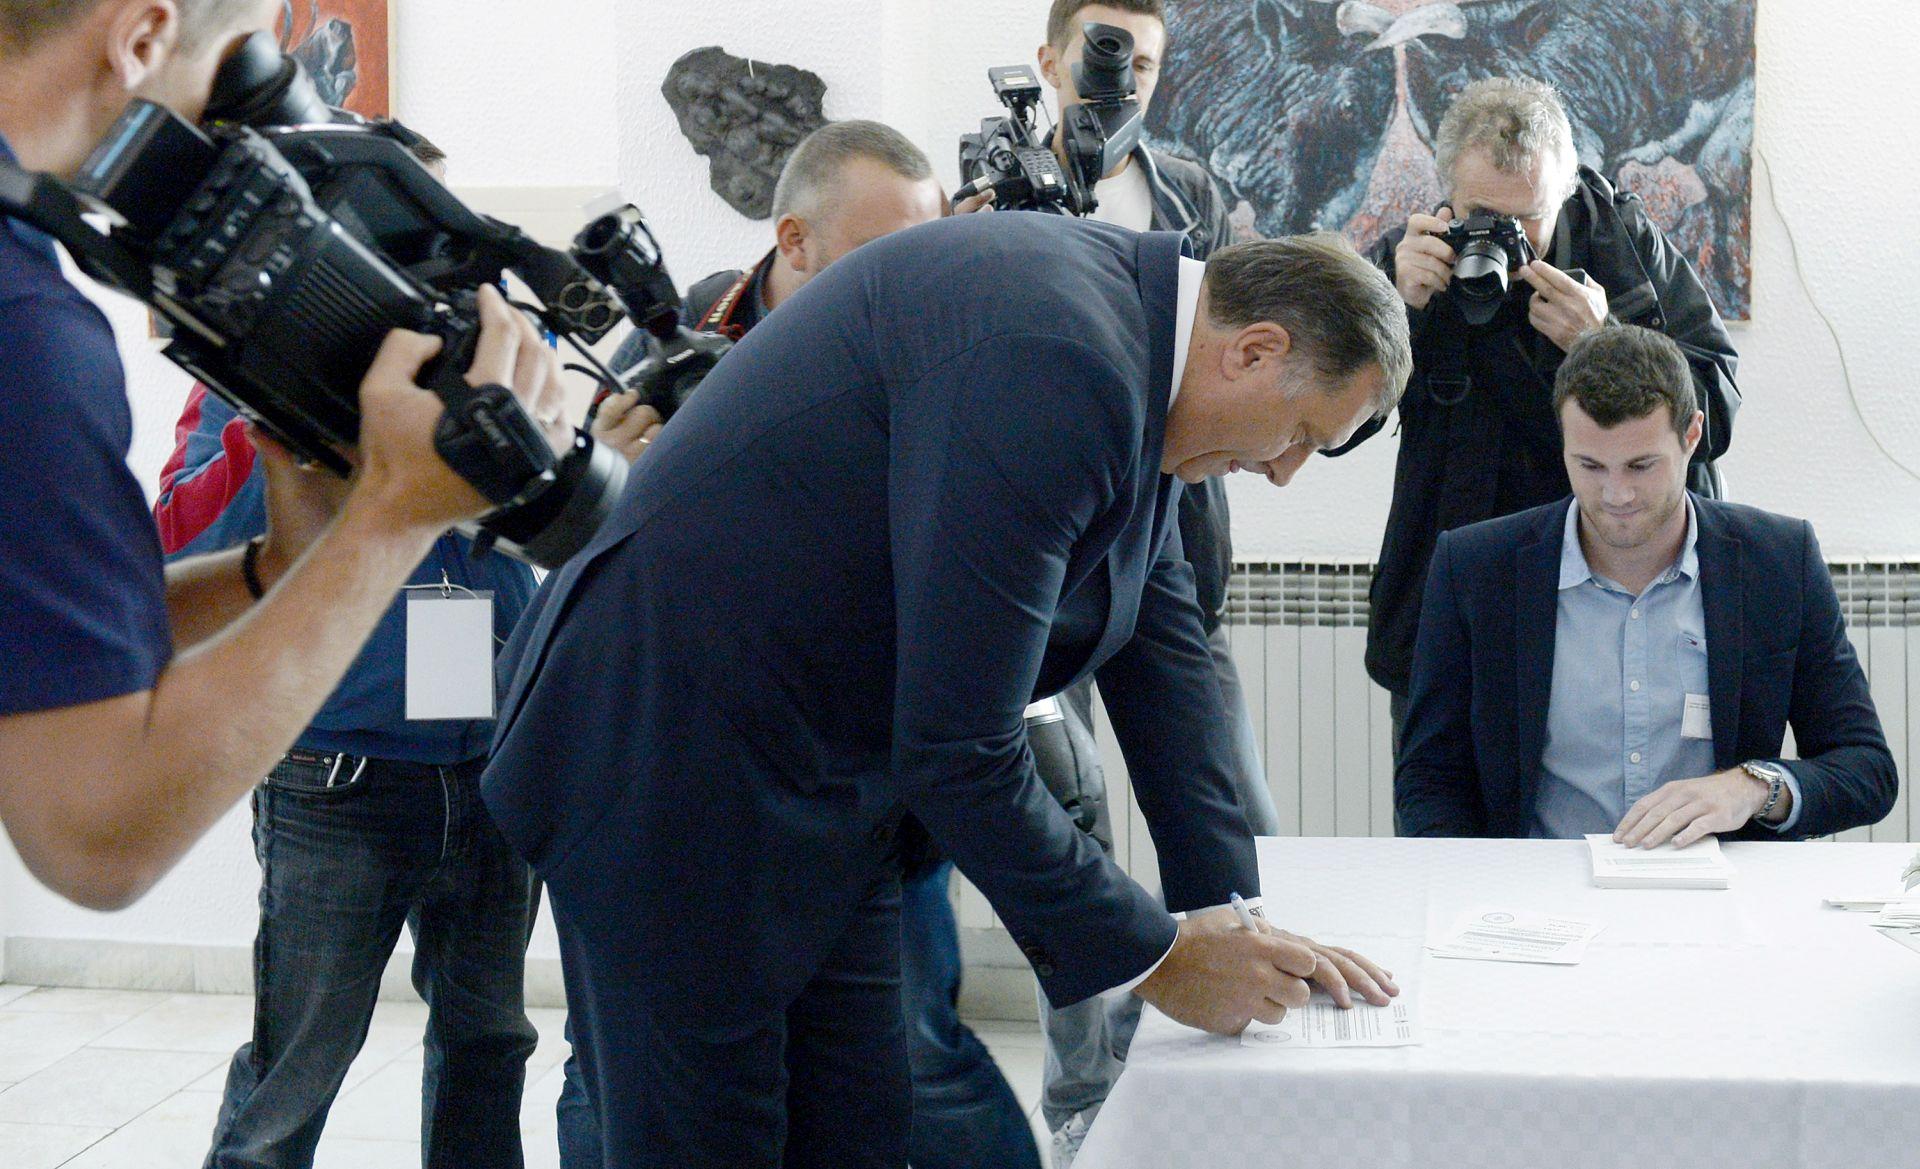 PREKRŠAJI ILI OSVETA? Državni tužitelj pred smjenom nakon što je otvorio istragu protiv Dodika